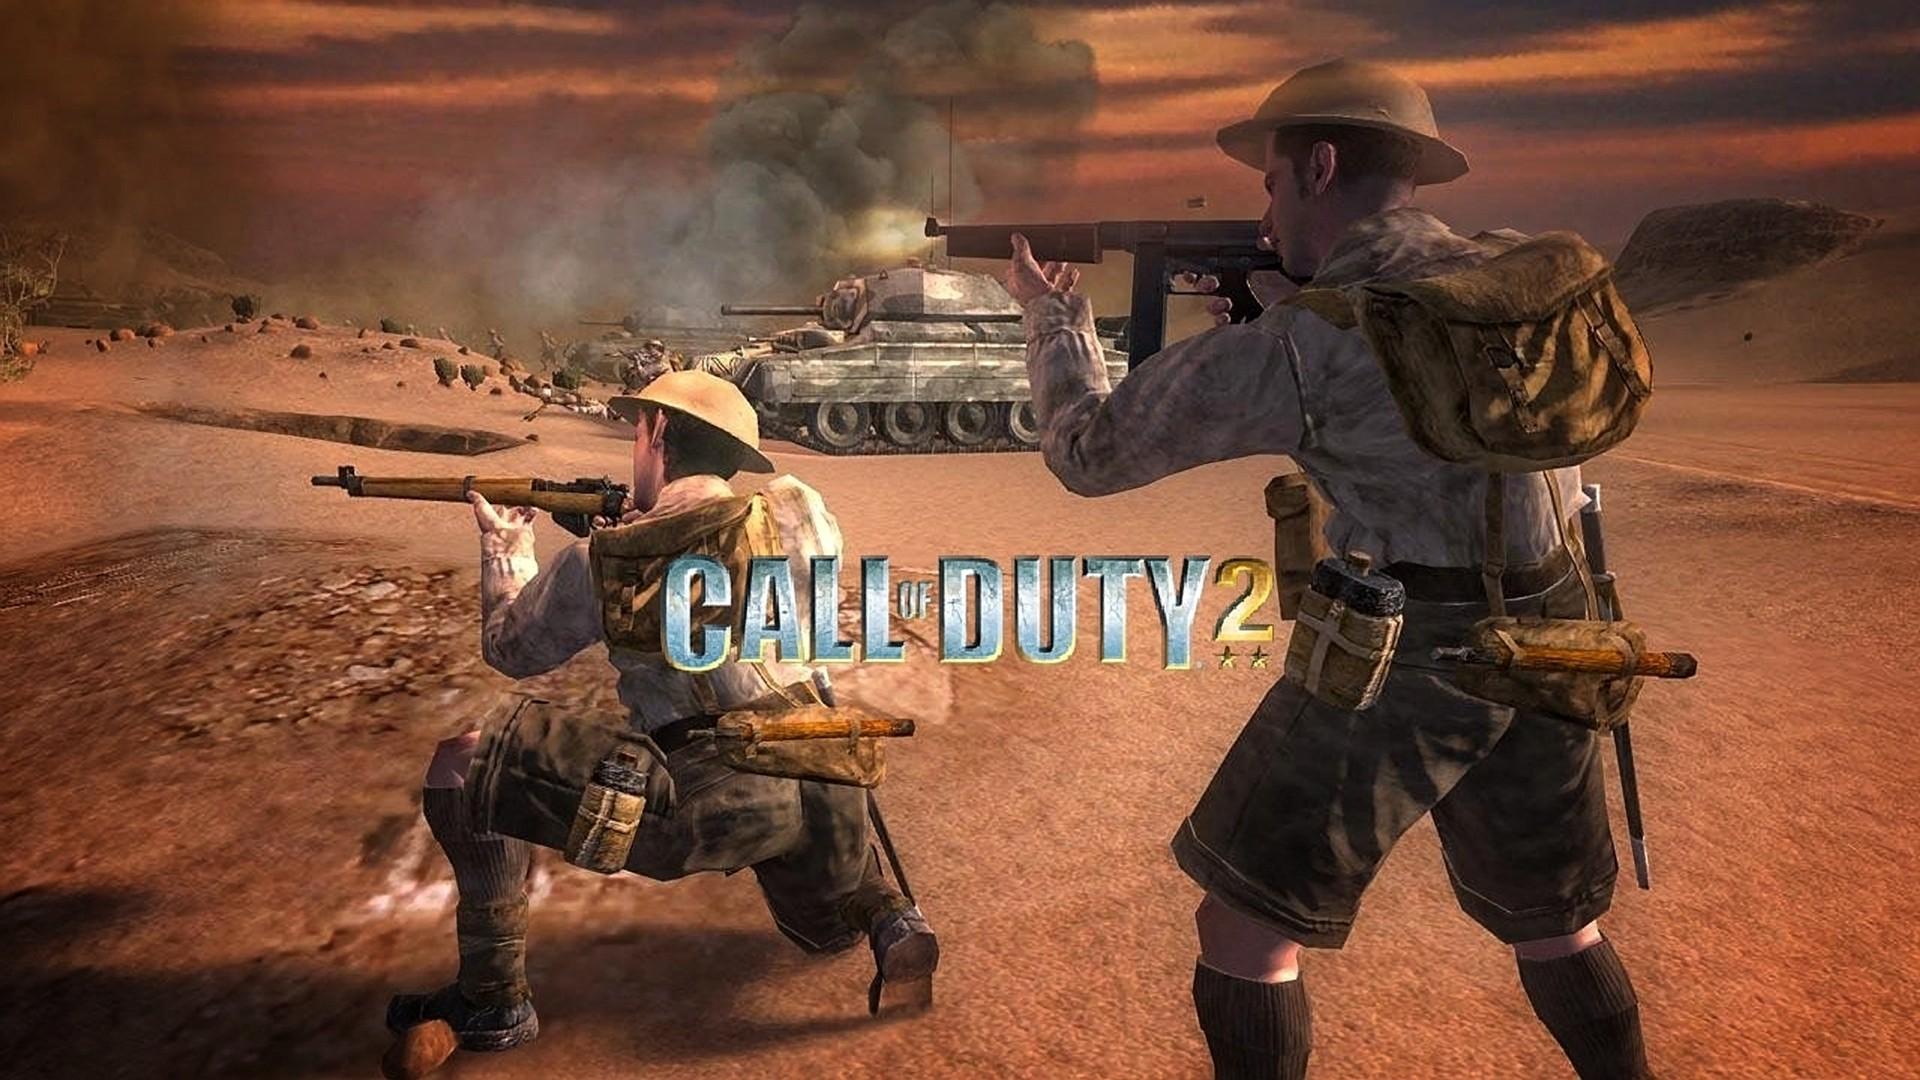 Call of Duty 2 Ä°ncelemesi ve Sistem Gereksinimleri ... -